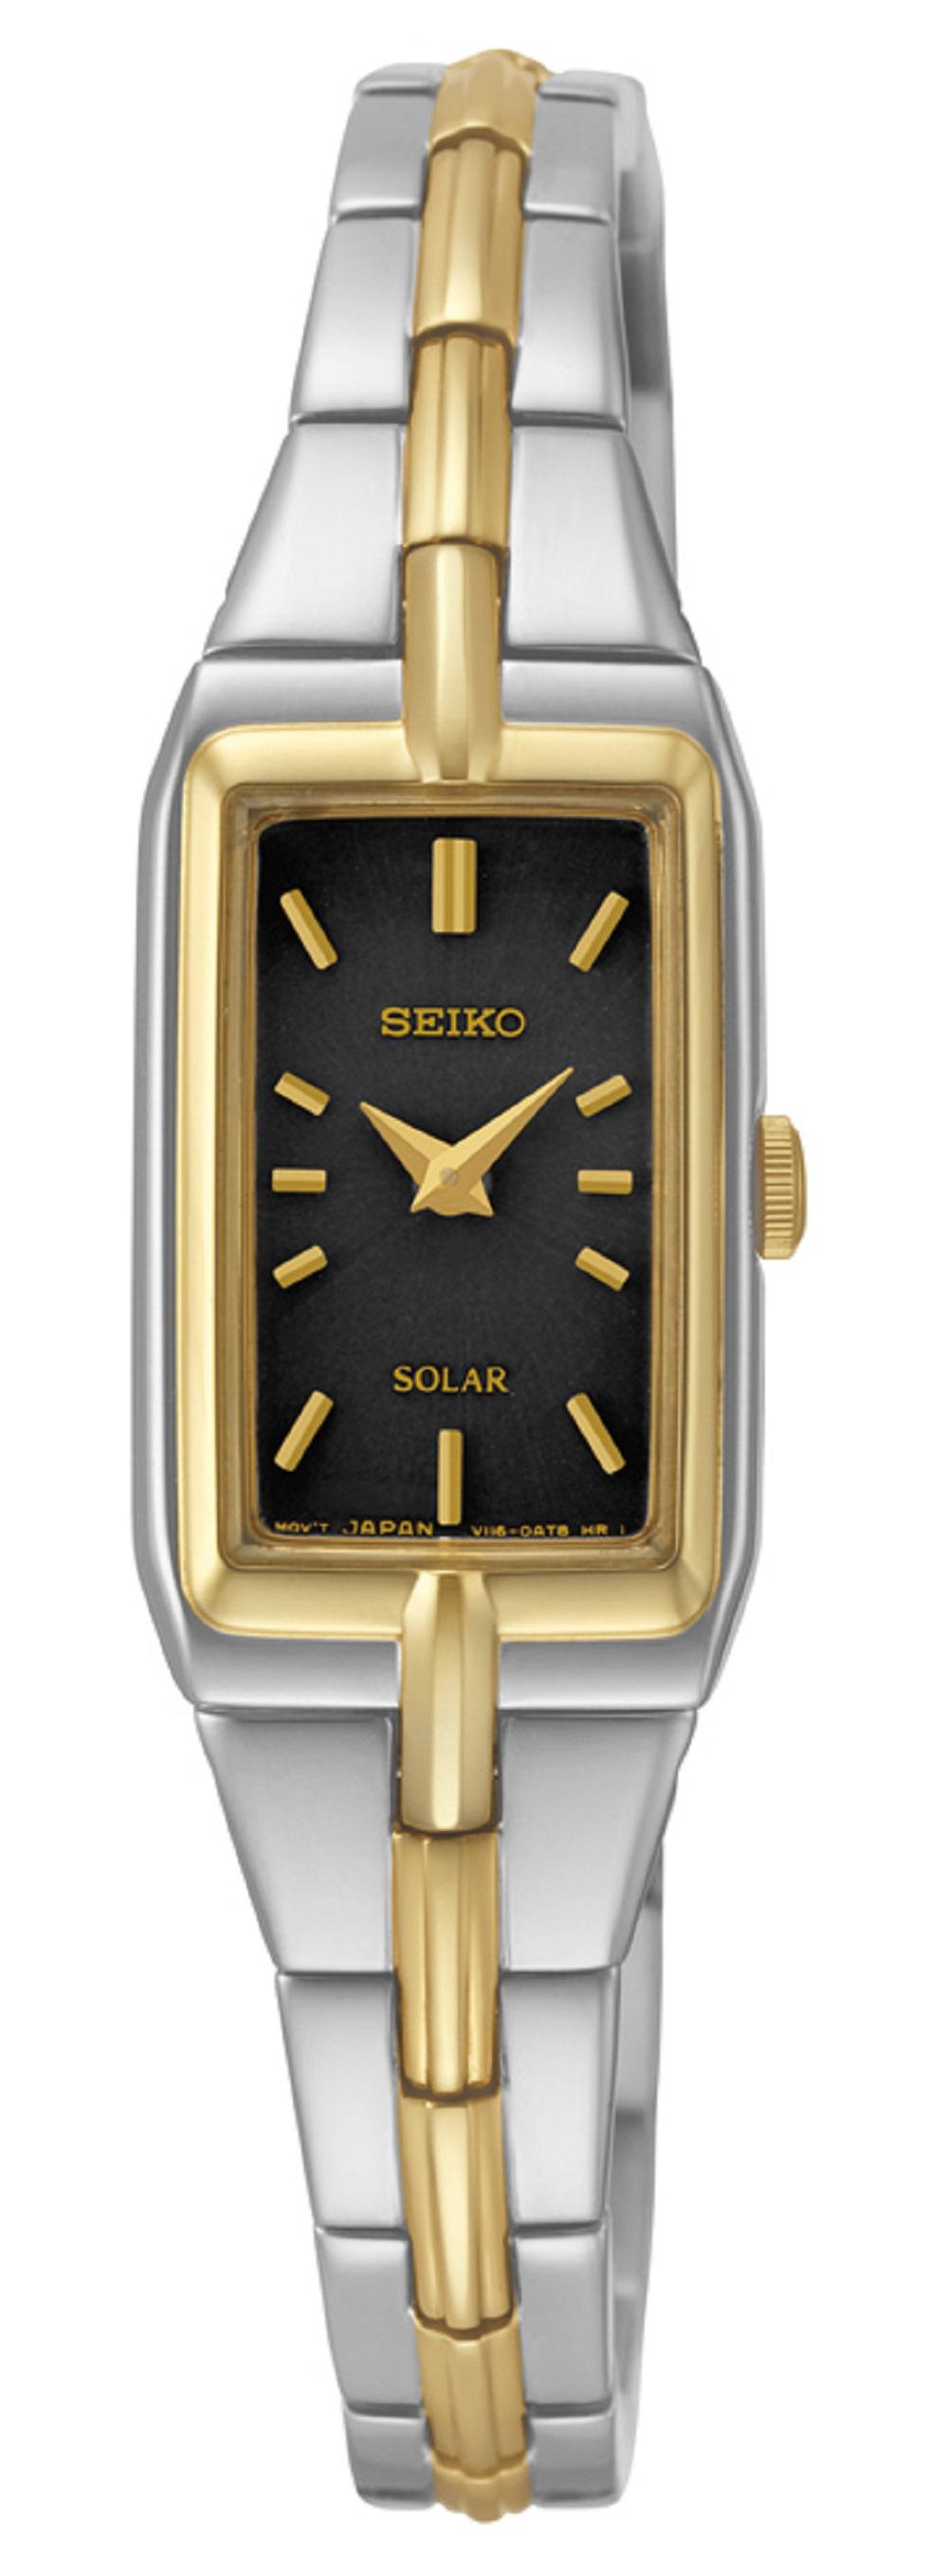 Montre solaire Seiko pour femmes - Cadran noir & bracelet plaqué or